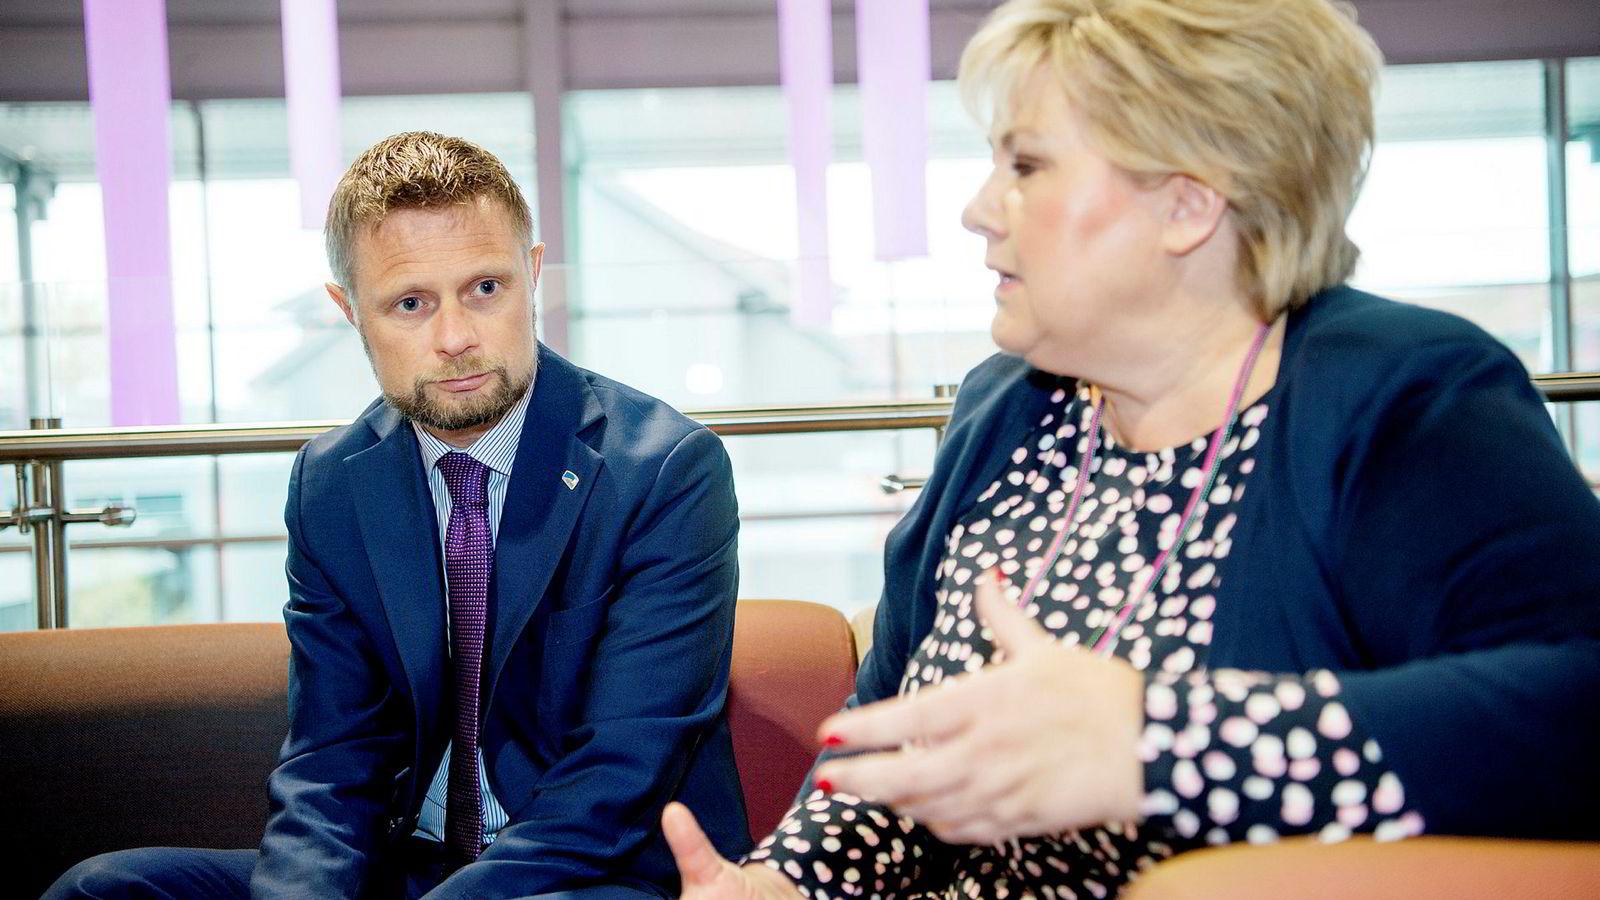 Statsminister Erna Solberg må få langt bedre utredninger fra Helse Sør-Øst og helseminister Bent Høie, om de skal berge i land igangsetting av OUS-utbygging på Gaustad neste år.